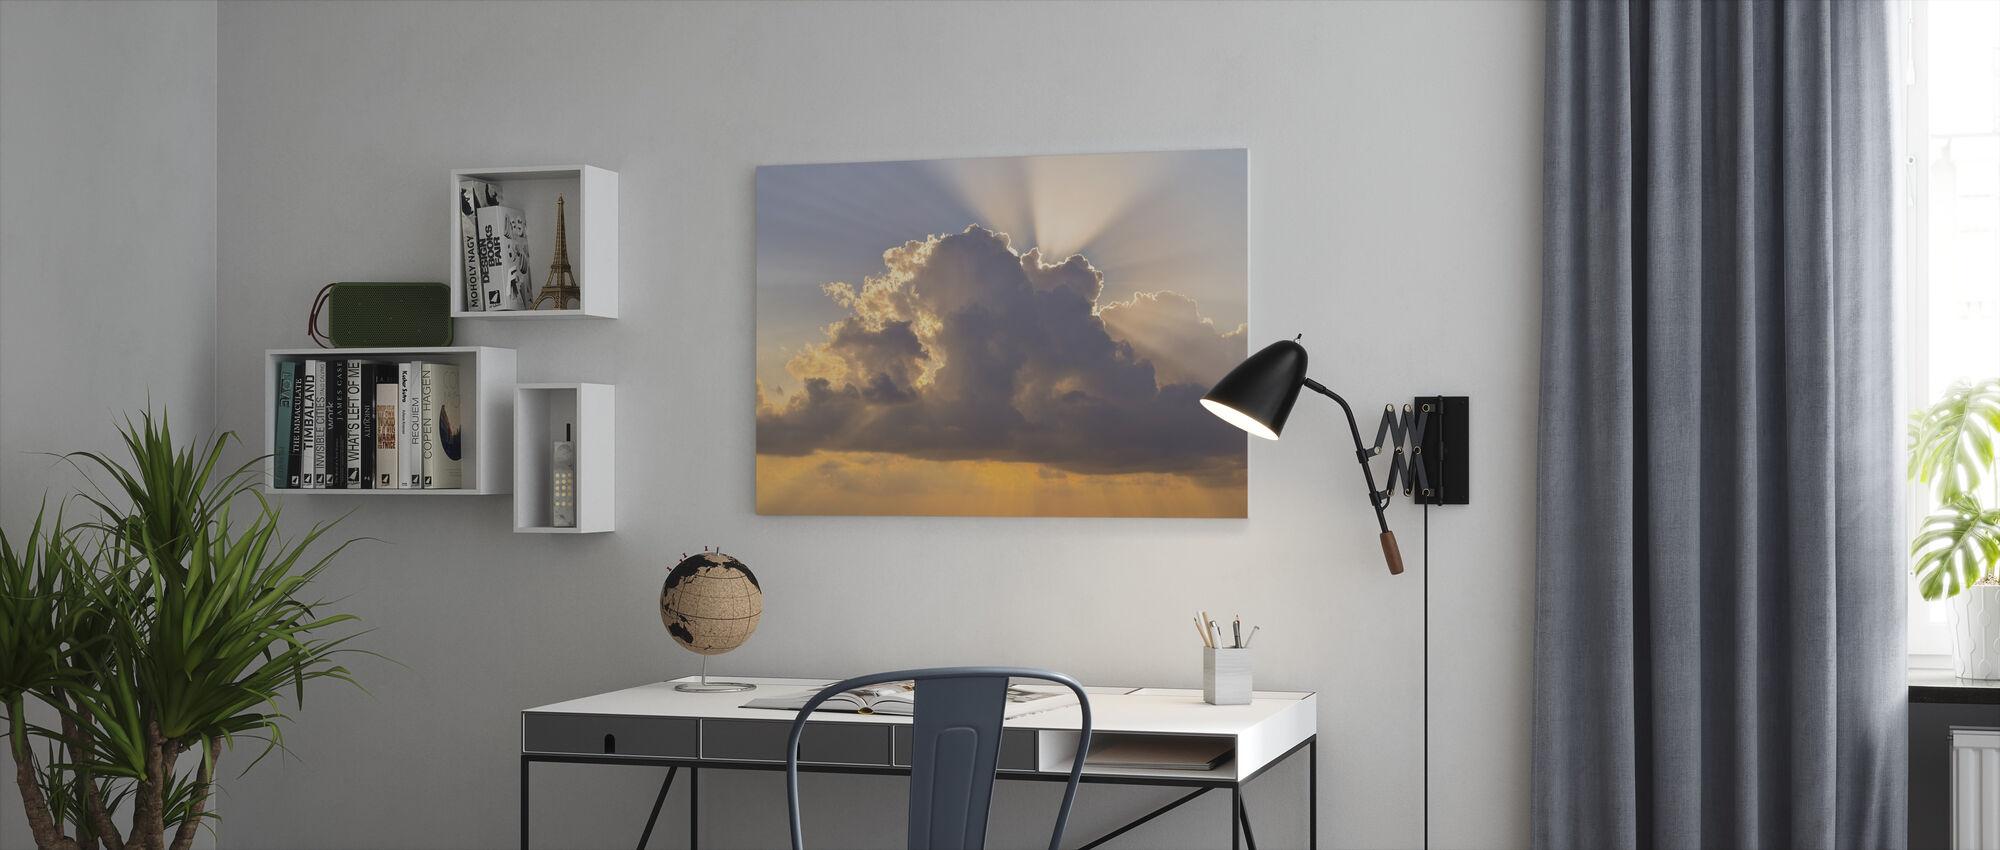 Cloudscape - Lerretsbilde - Kontor